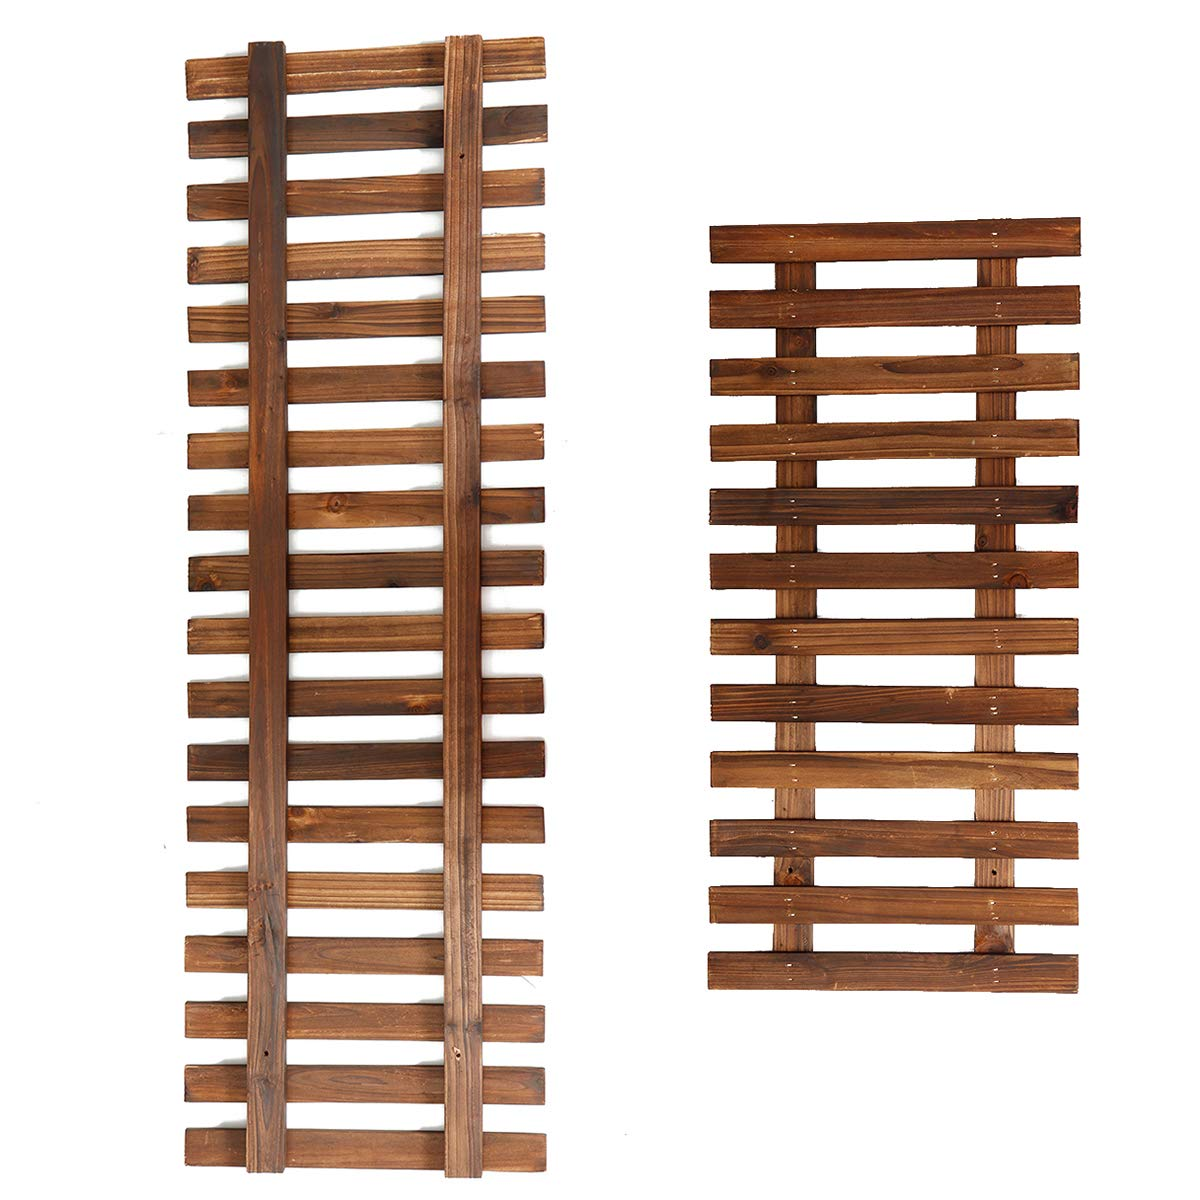 MASUNN Planta Flor Soporte para colgar Cesta colgante Maceta Escalera de madera Escalera artesanal - 60Cm: Amazon.es: Industria, empresas y ciencia